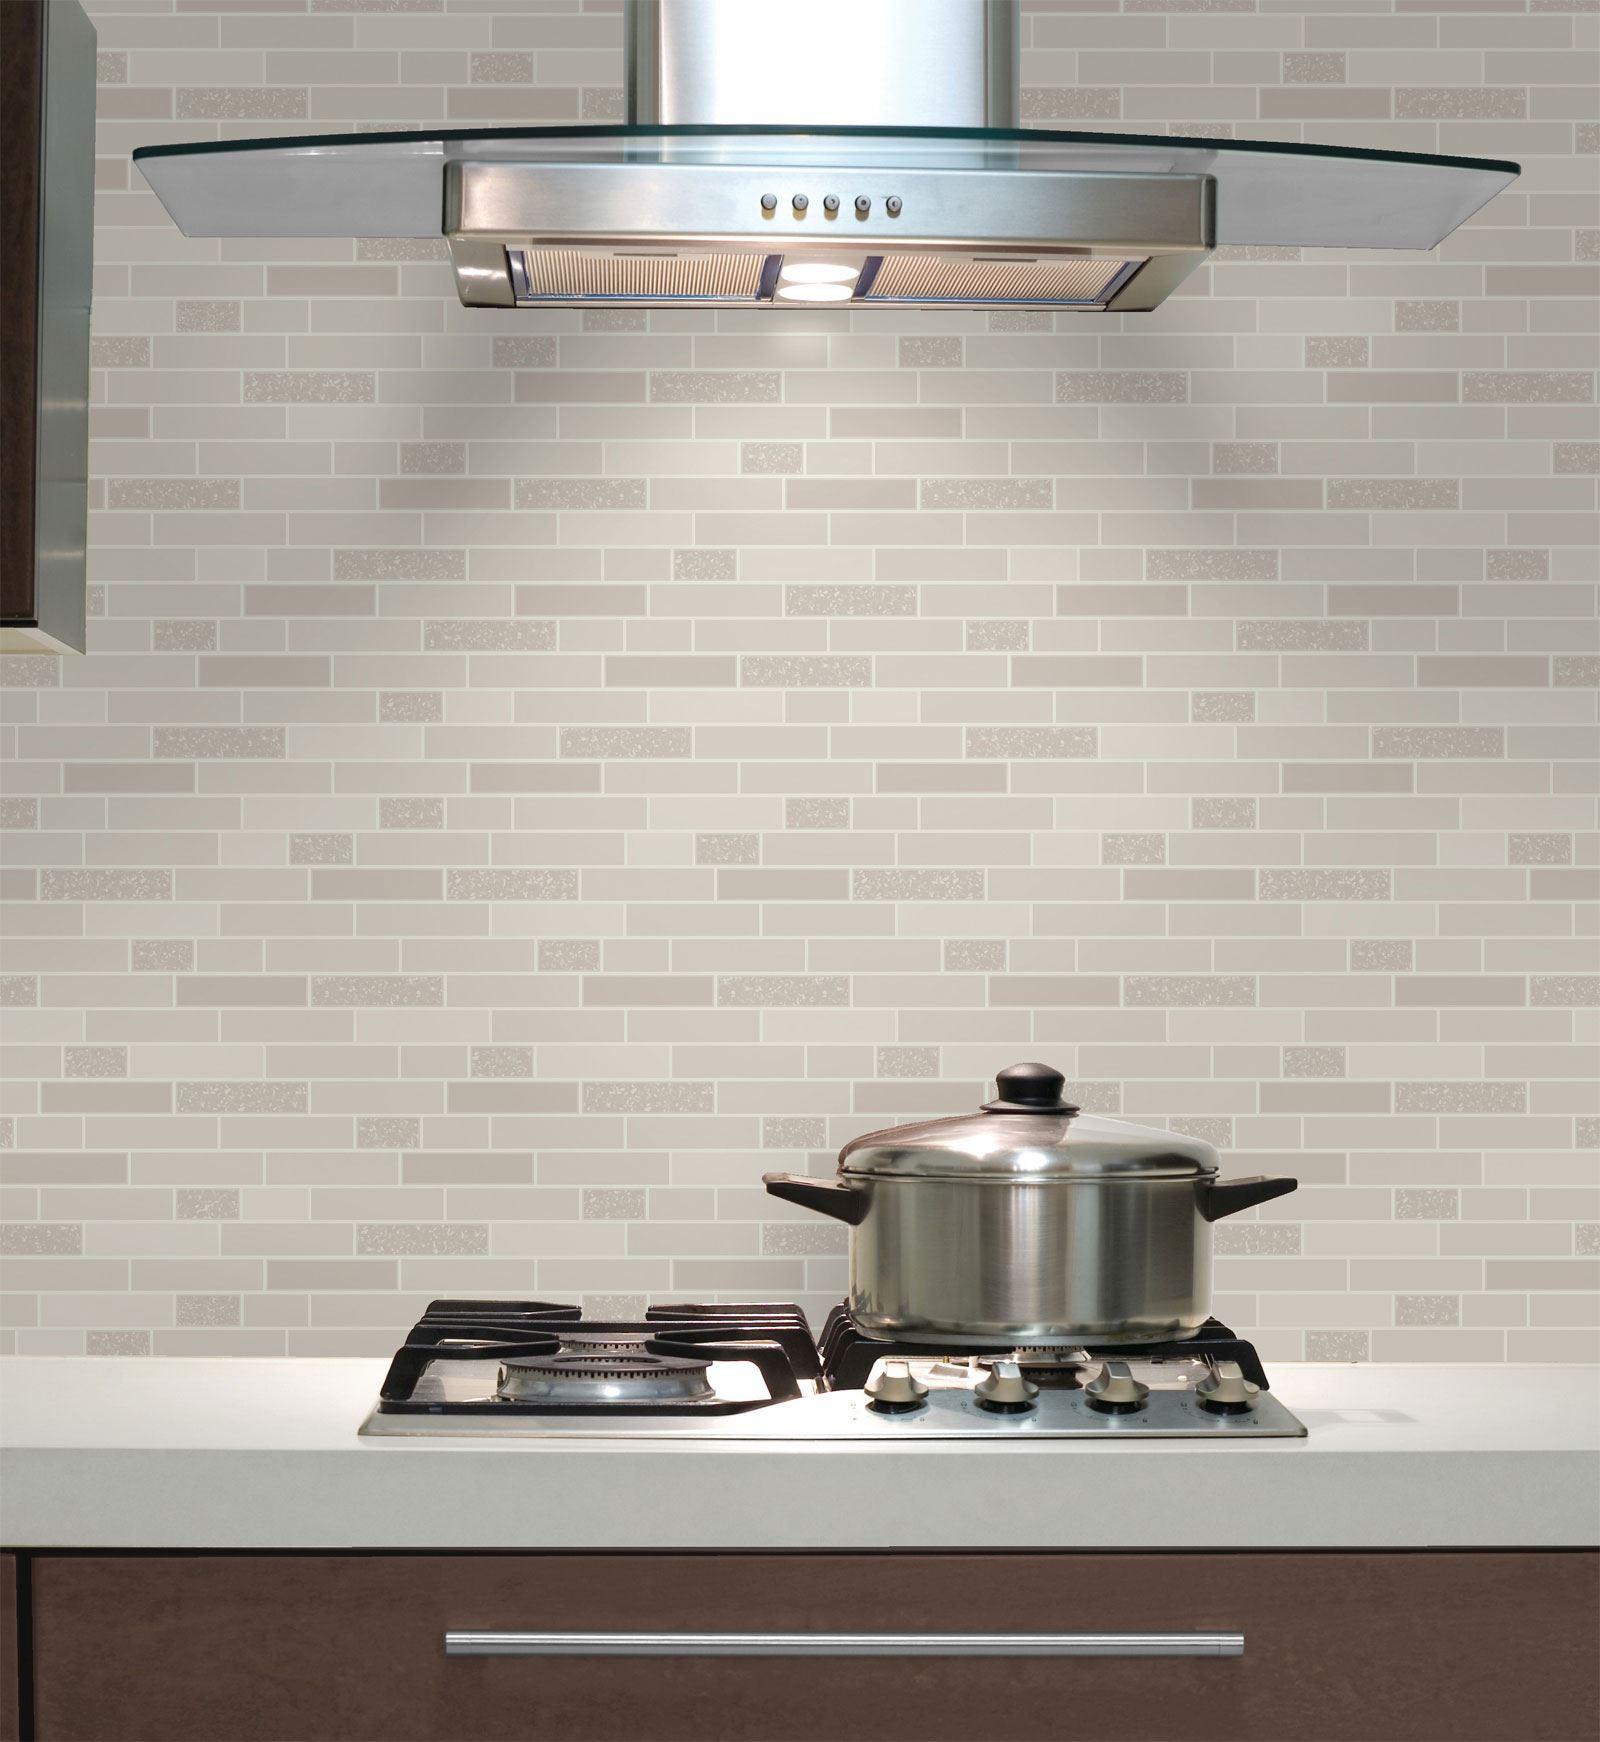 Oblong-Stone-Tile-Kitchen-Bathroom-Wallpaper-Vinyl-Silver-Glitter-Holden-Decor thumbnail 5